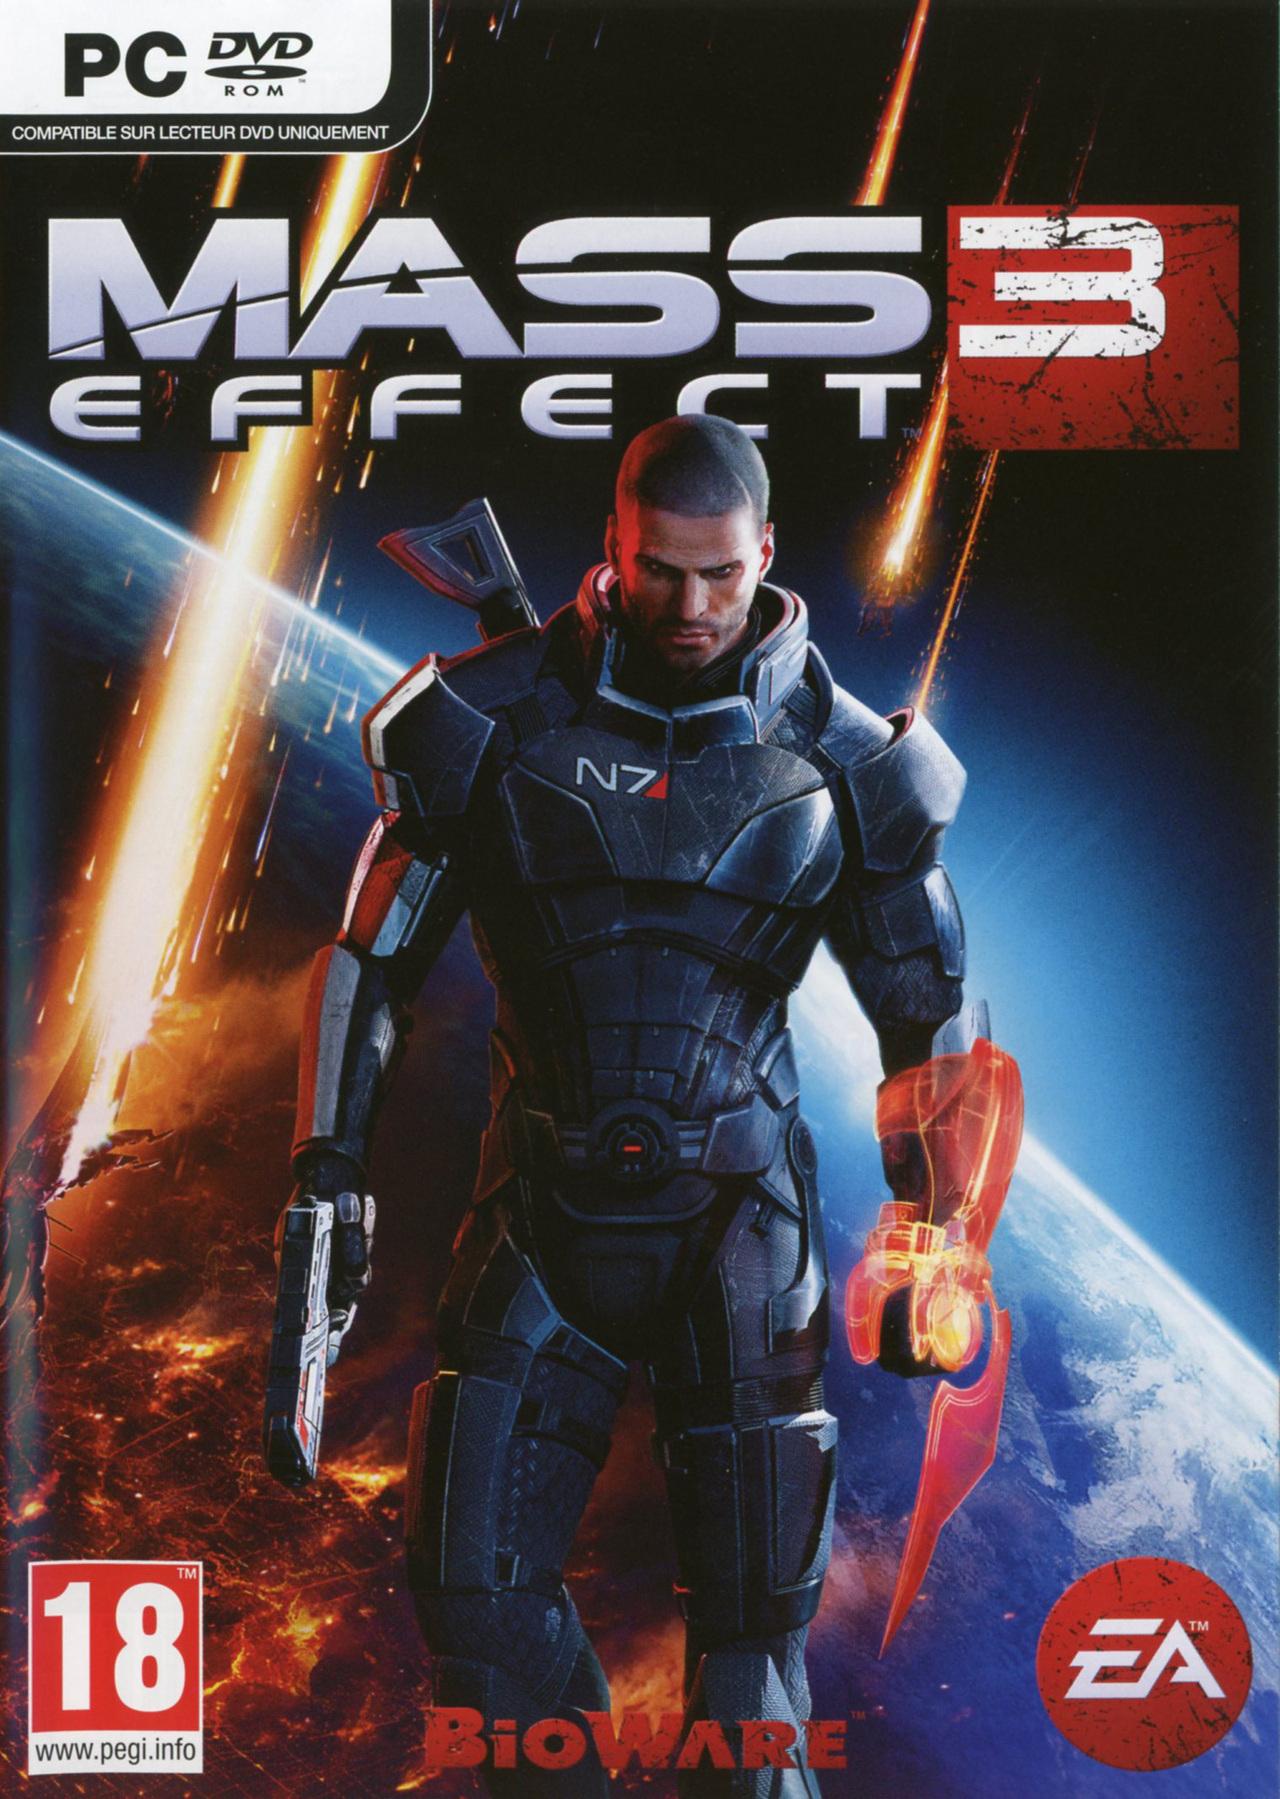 Mass Effect 3 sur PC (dématérialisé)